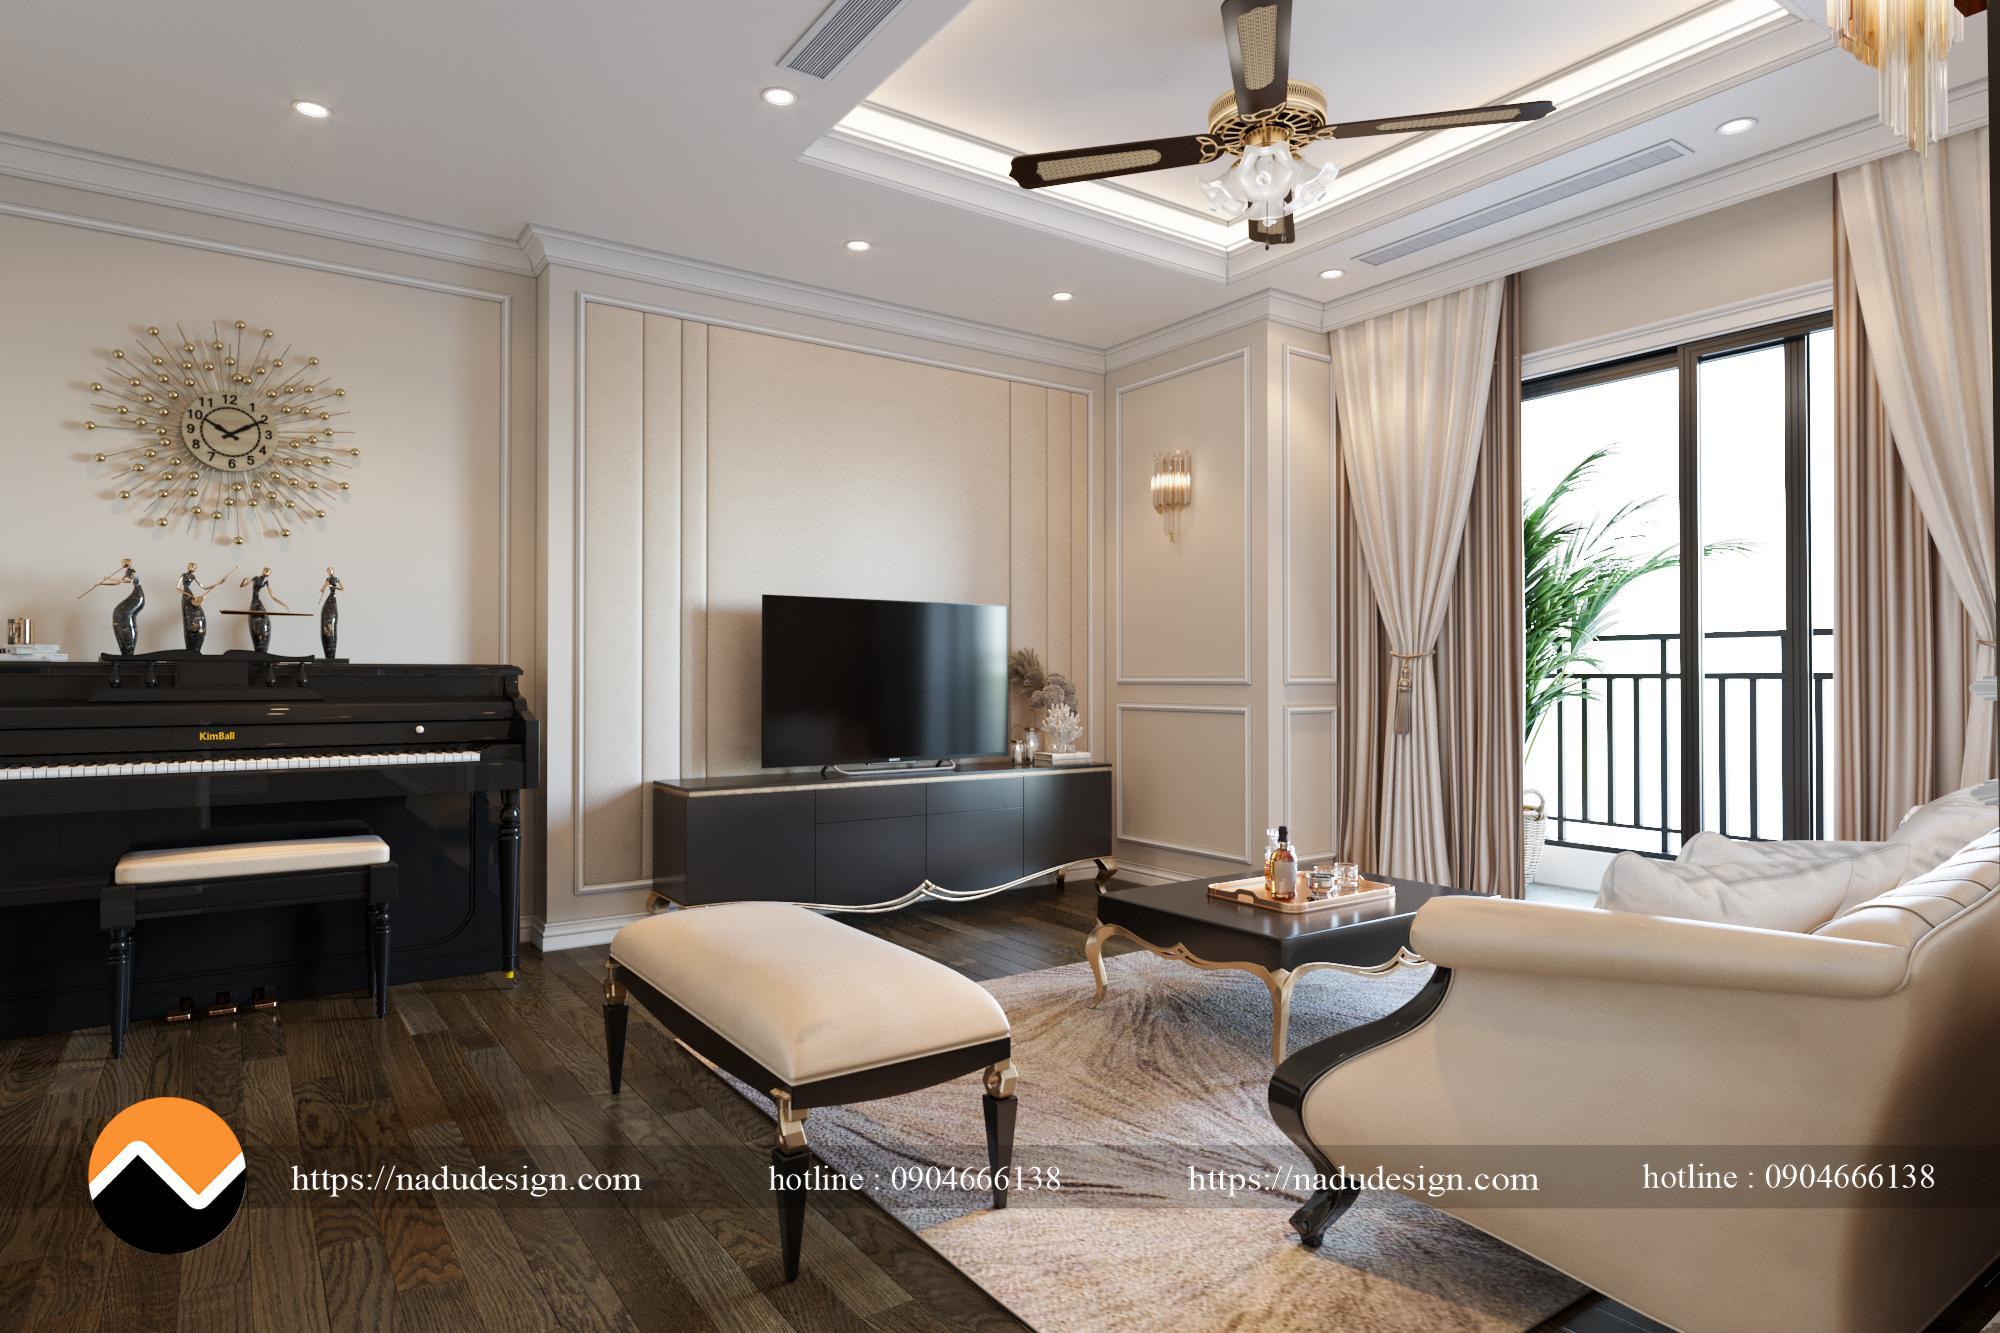 thiết kế nội thất phòng khách theo phong cách tân cổ điển